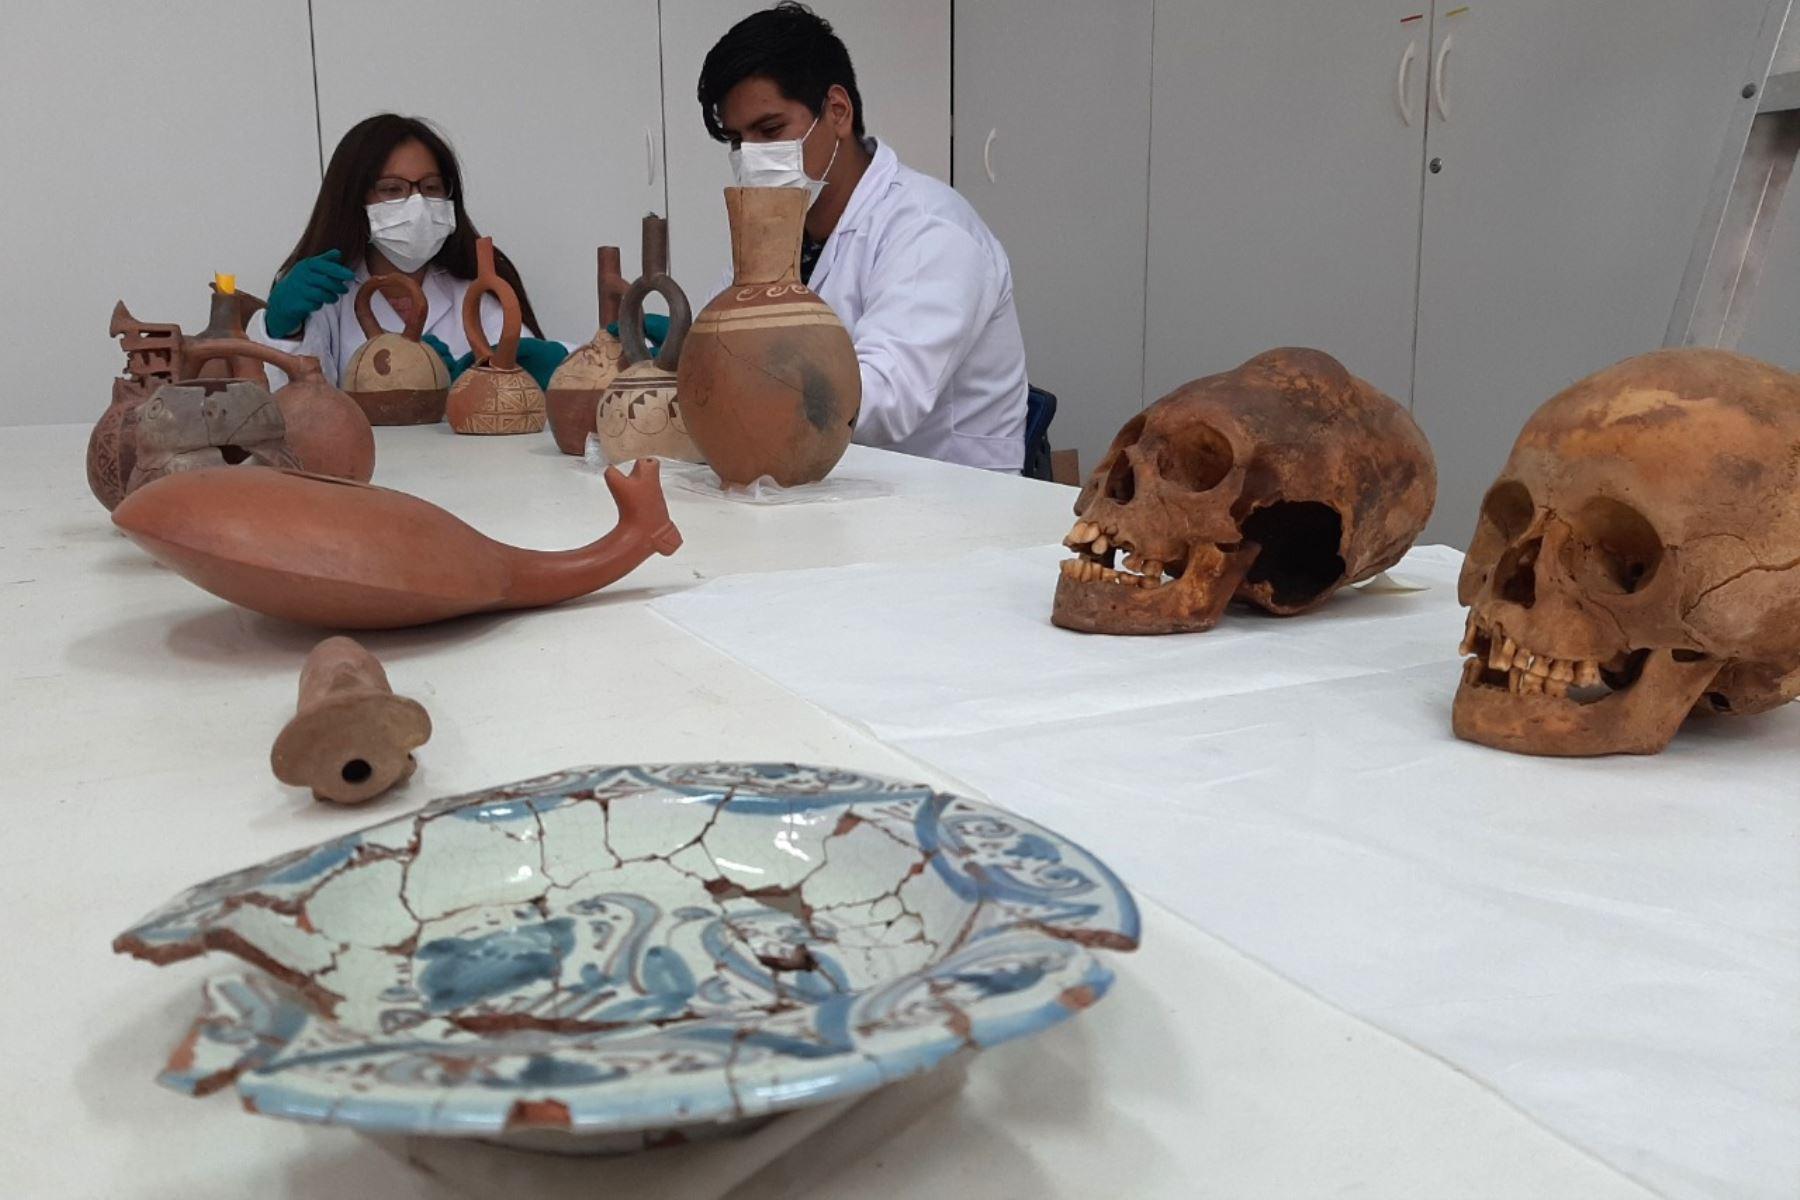 Laboratorio de arqueología de la Universidad Nacional de Trujillo preservará las piezas arqueológicas halladas en el balneario de Huanchaco, en Trujillo. Foto: Luis Puell